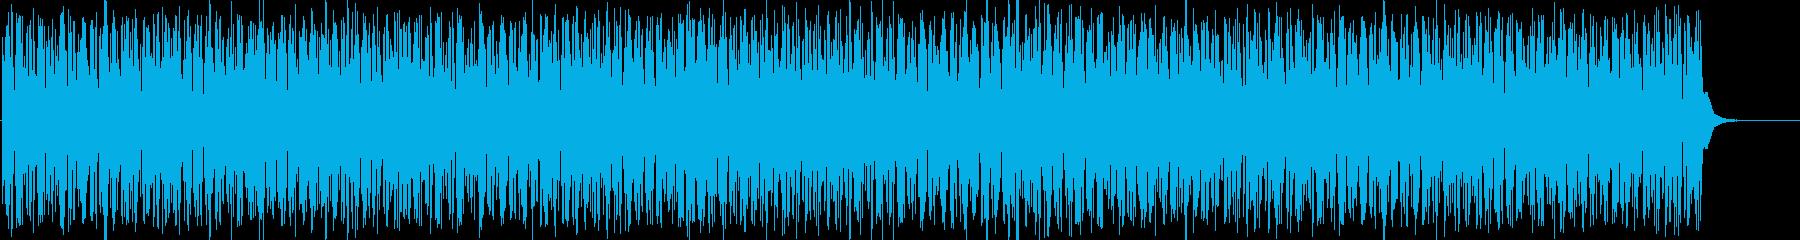 サイケデリックなリズムトラック。映像等にの再生済みの波形